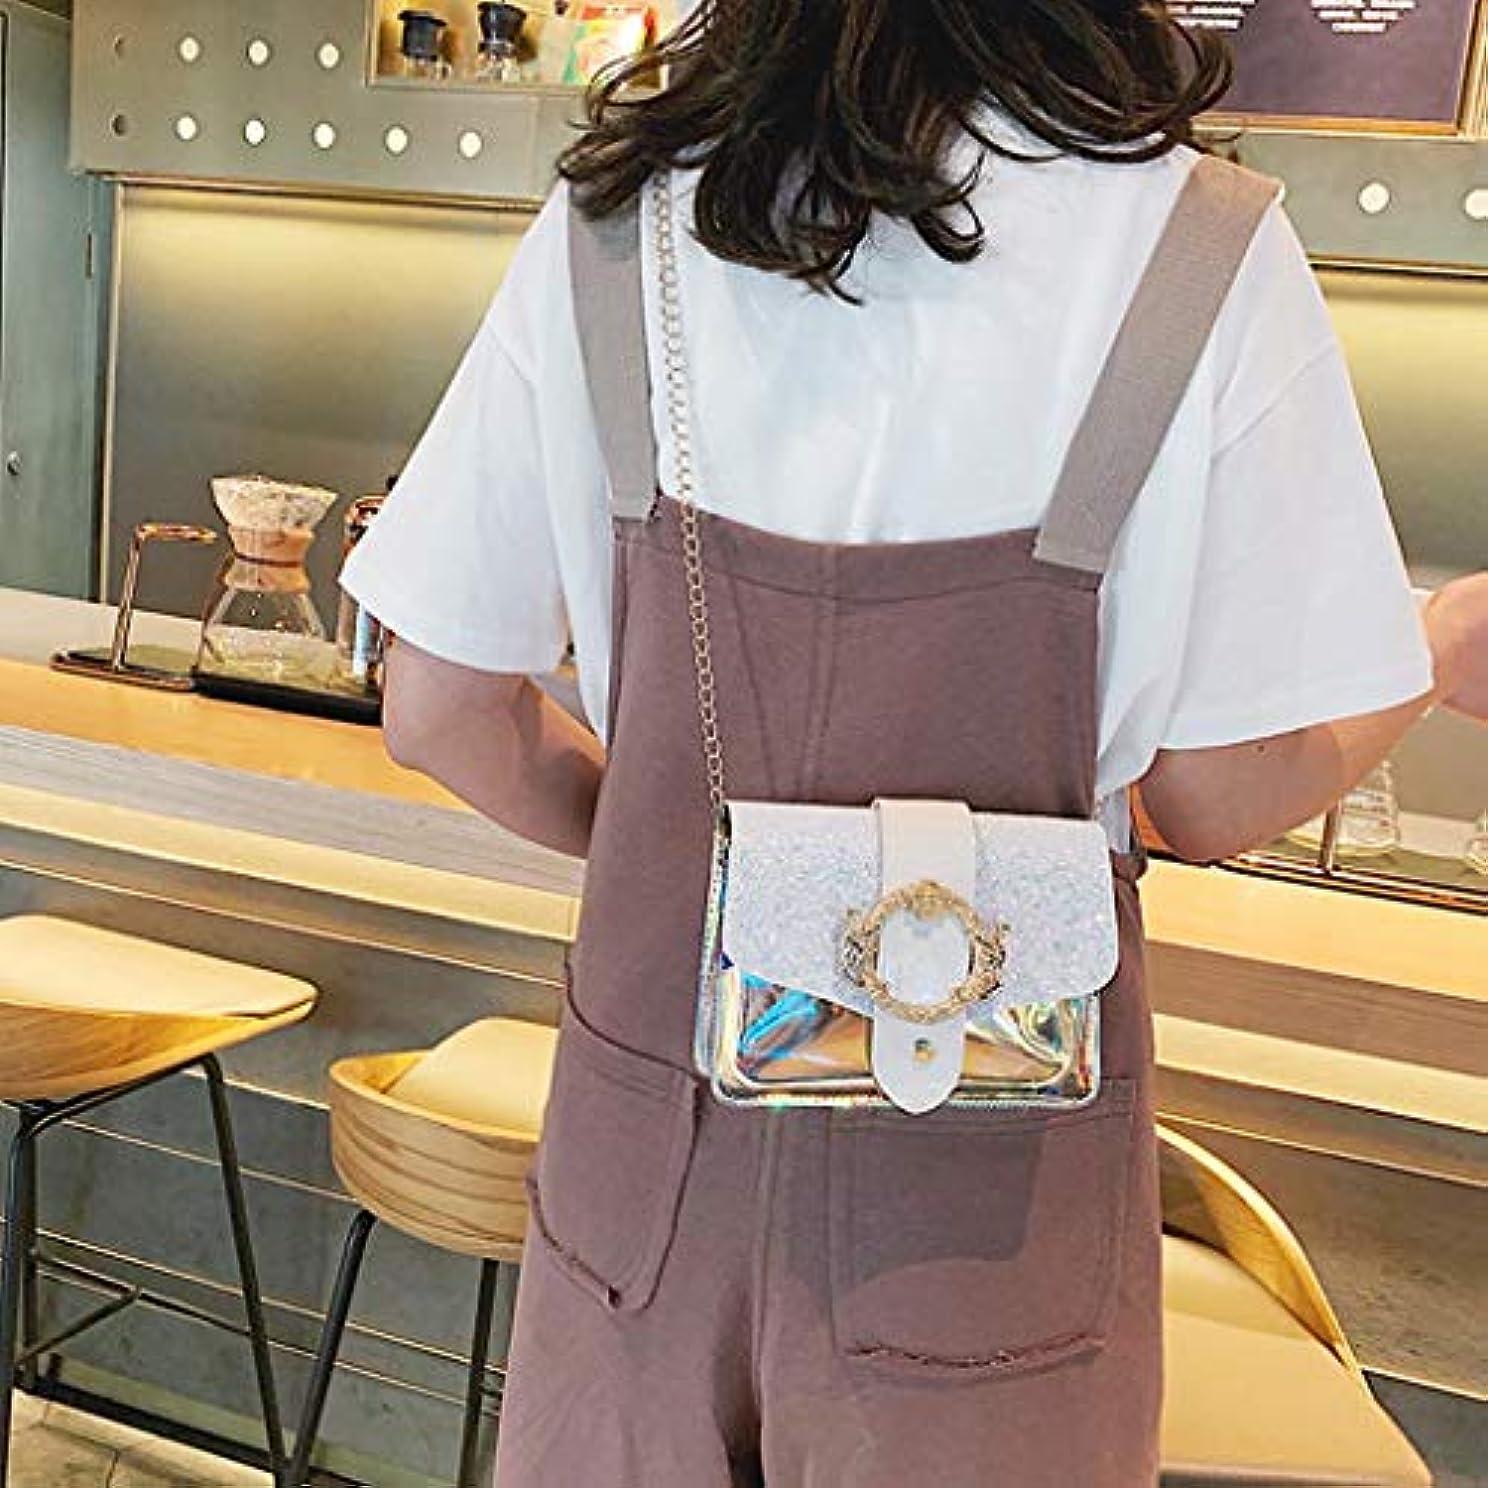 オデュッセウス反映する貝殻新しい女性のファッションコントラストカラー対角パッケージスパンコールショルダーバッグチェーンバッグ、女性のファッションスパンコールコントラストカラーショルダーバッグチェーンバッグ、ワイルドショルダーバッグチェーンバッグ...